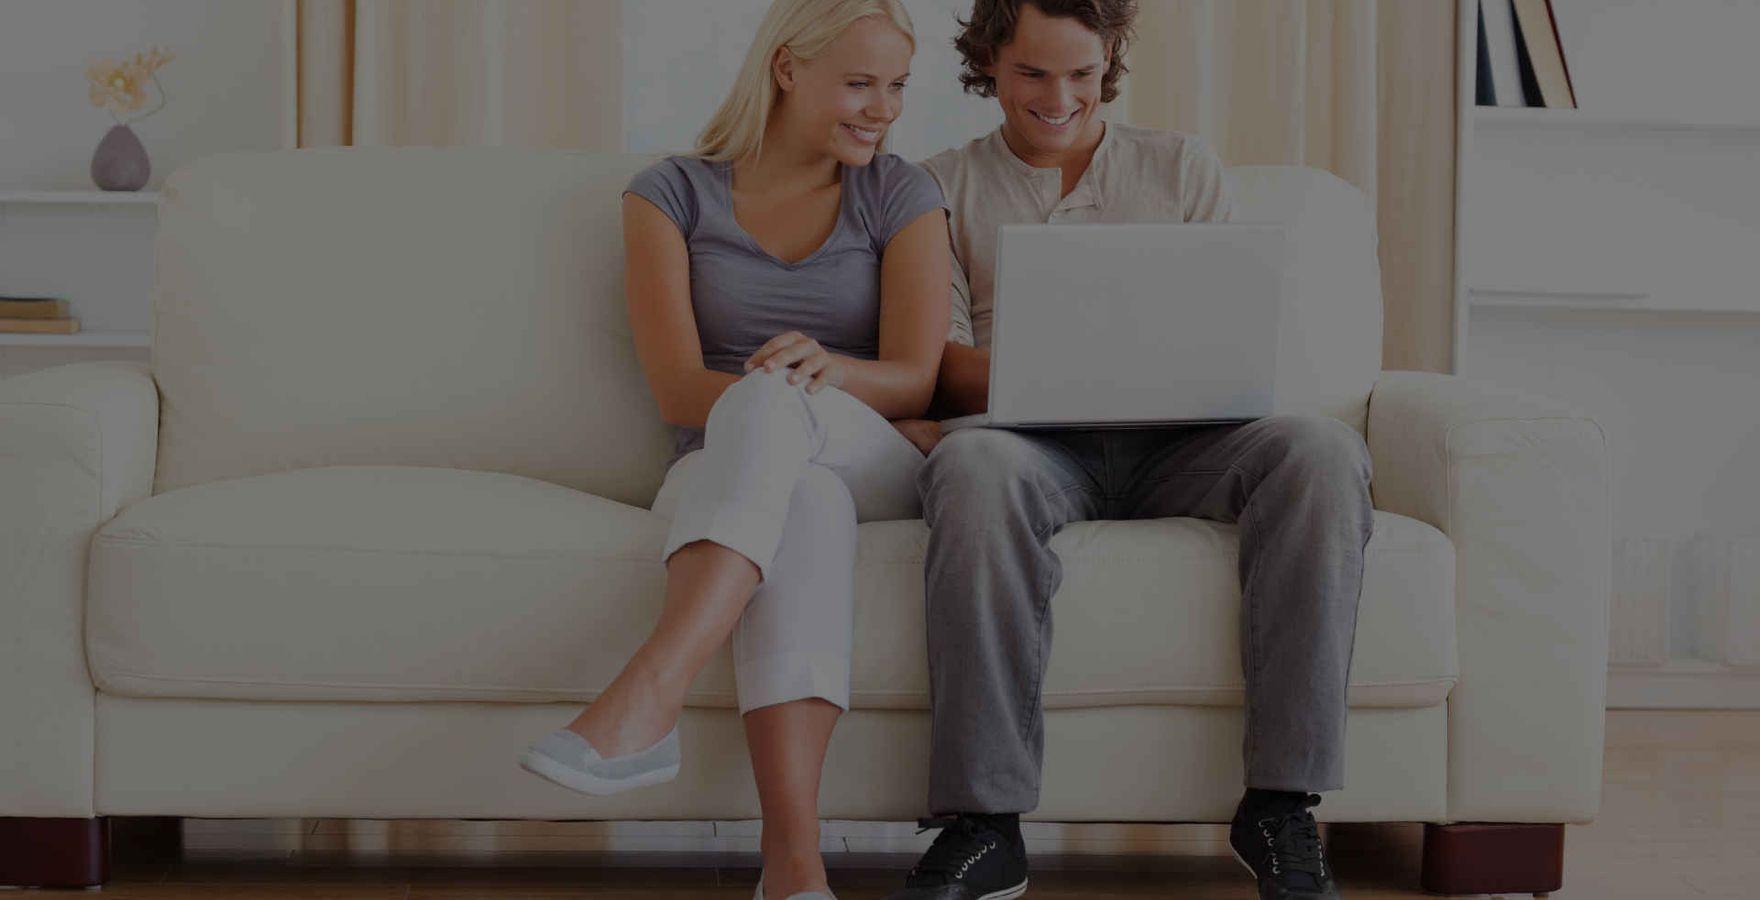 <p>Pi&ugrave; di 1,8 milioni di clienti ripongono la loro fiducia in noi ogni anno. Diventa uno di loro e lascia che il nostro Consulente Immobiliare ti guidi attraverso il delicato processo di acquisto della tua nuova casa. 96 clienti su 100 si dichiarano soddisfatti dei servizi offerti dagli Agenti RE/MAX.</p>